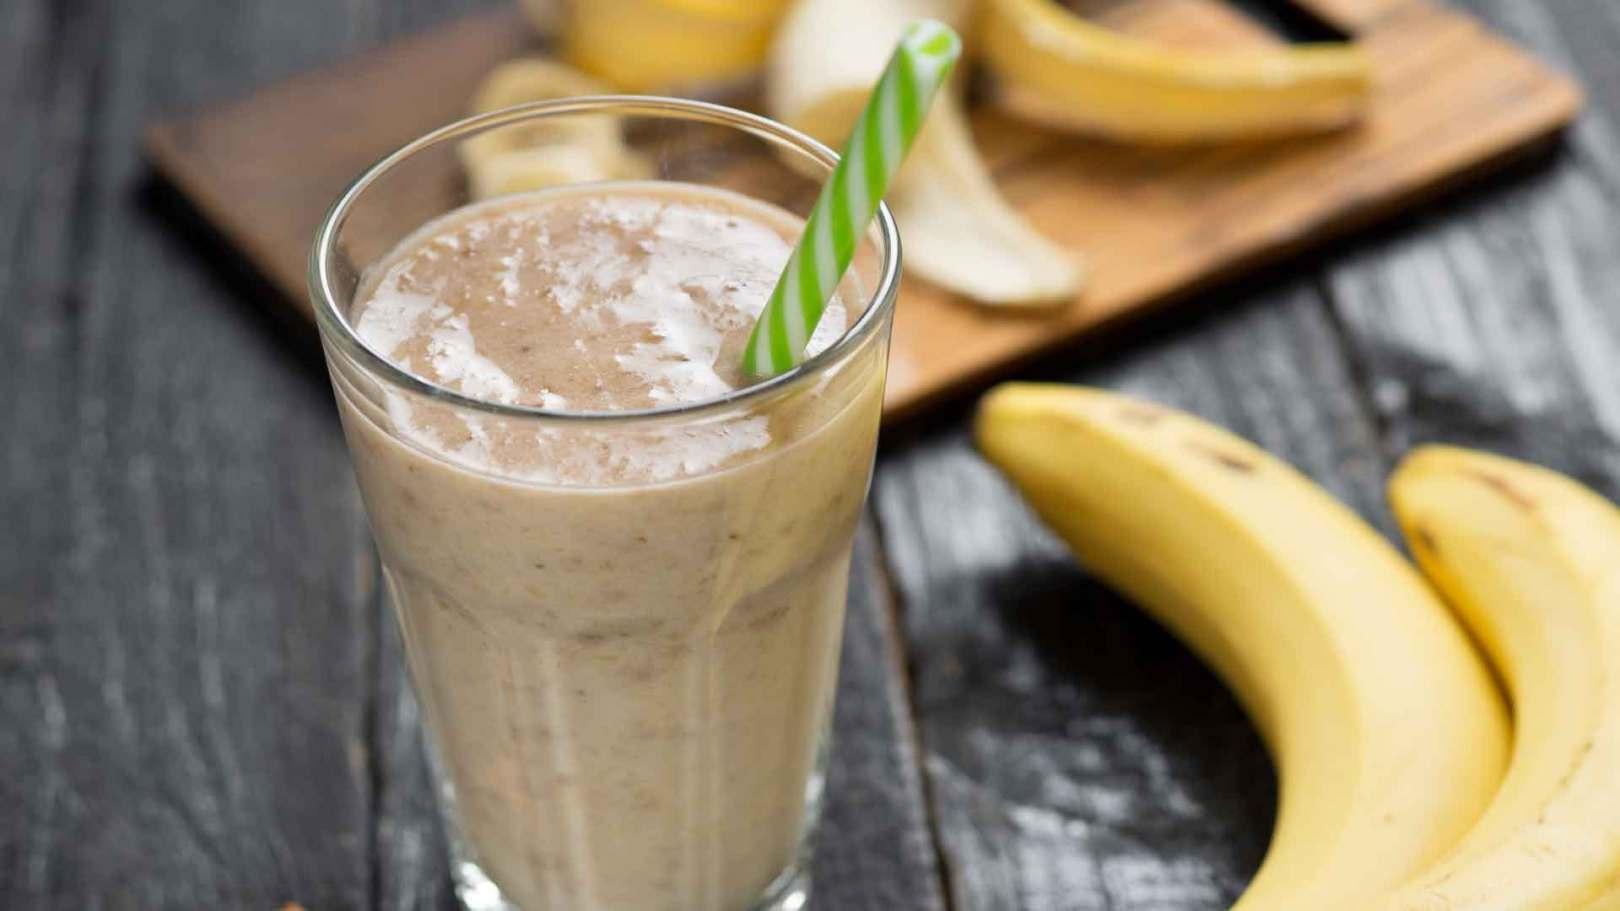 Dessert glacé à la banane au blender dès 6 mois